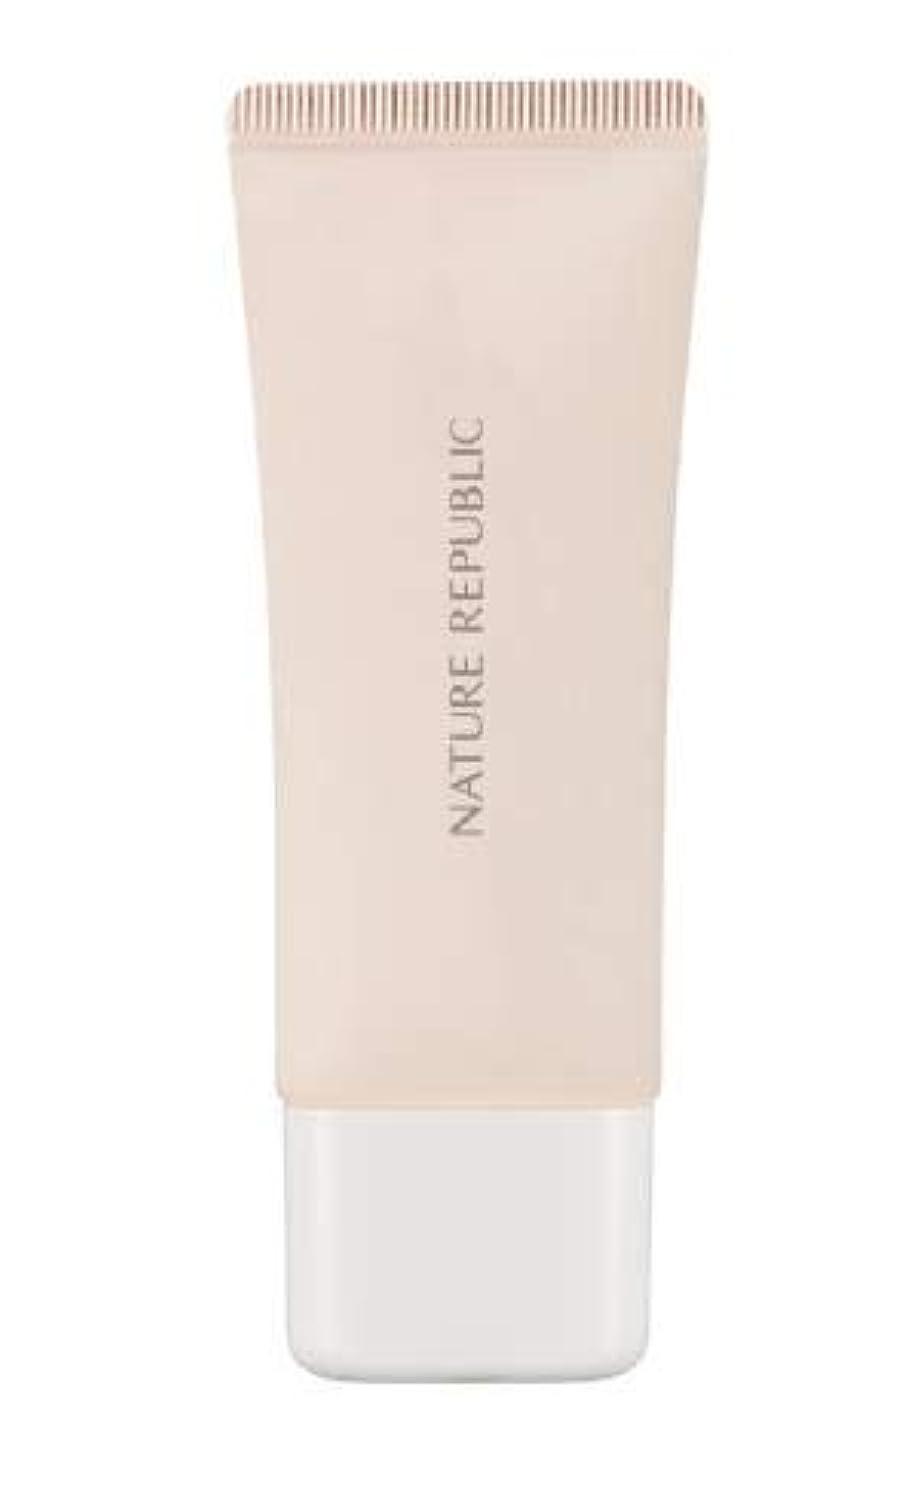 ハウジングレッドデート慣習Nature Republic Pure Shine Makeup Base # 02 Vanilla Pink/ネイチャーリパブリック ピュアシャインメイクアップベース#02バニラピンクSPF20 PA++ [並行輸入品]